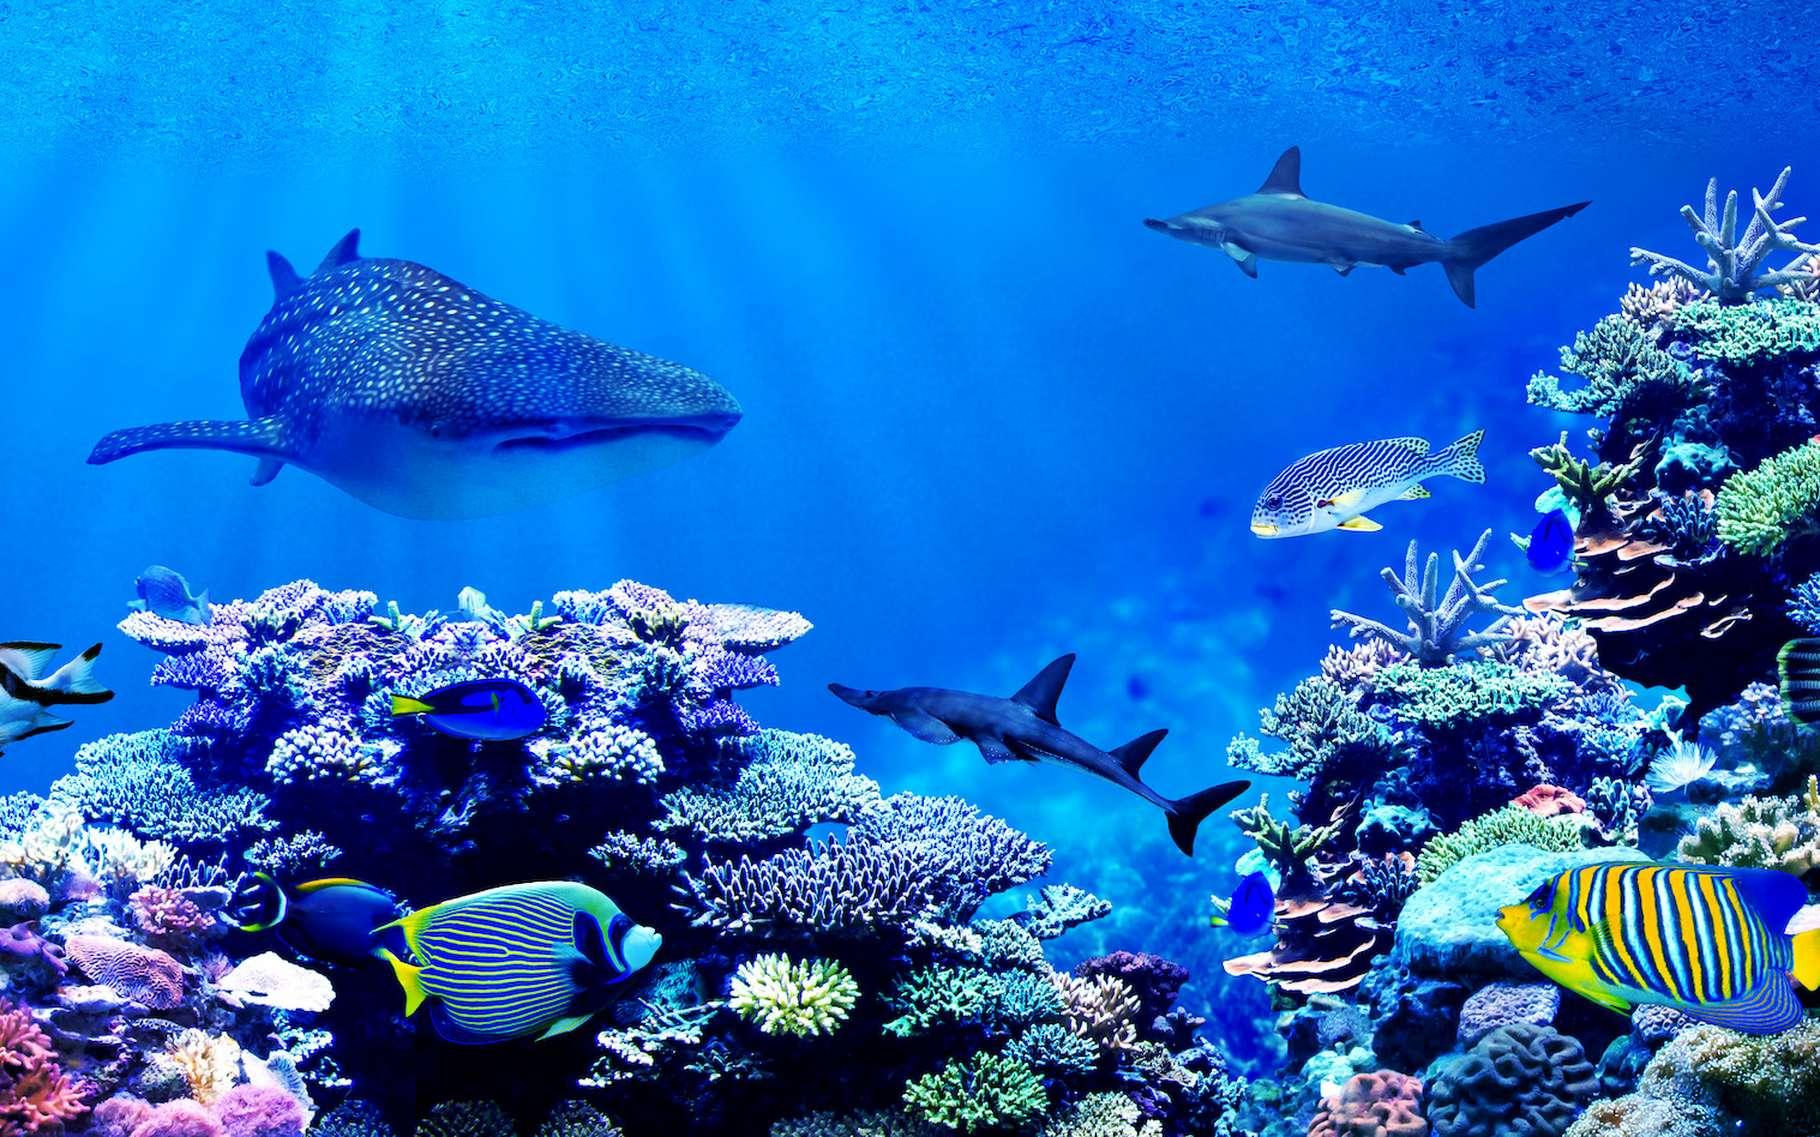 Les animaux marins peuvent désormais trouver refuge dans des sanctuaires créés un peu partout dans le monde. © Chonlasub, Adobe Stock